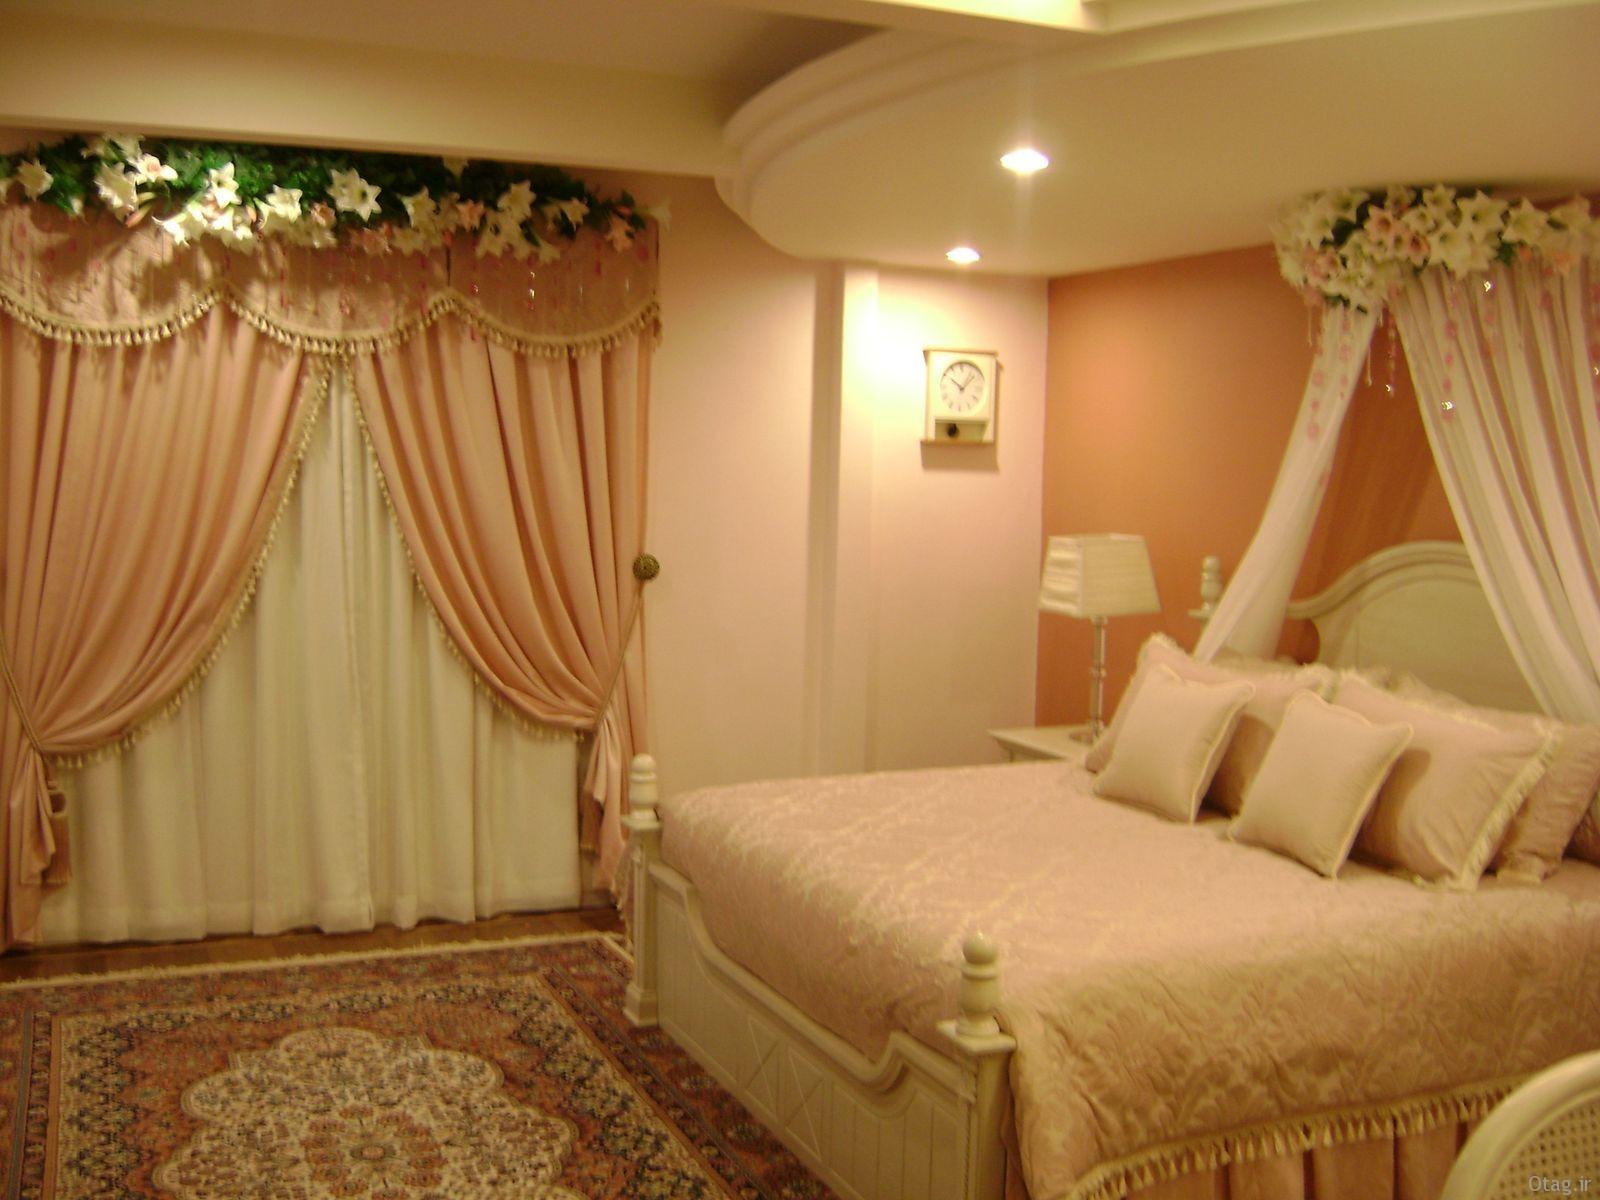 brides-bedroom-design-ideas